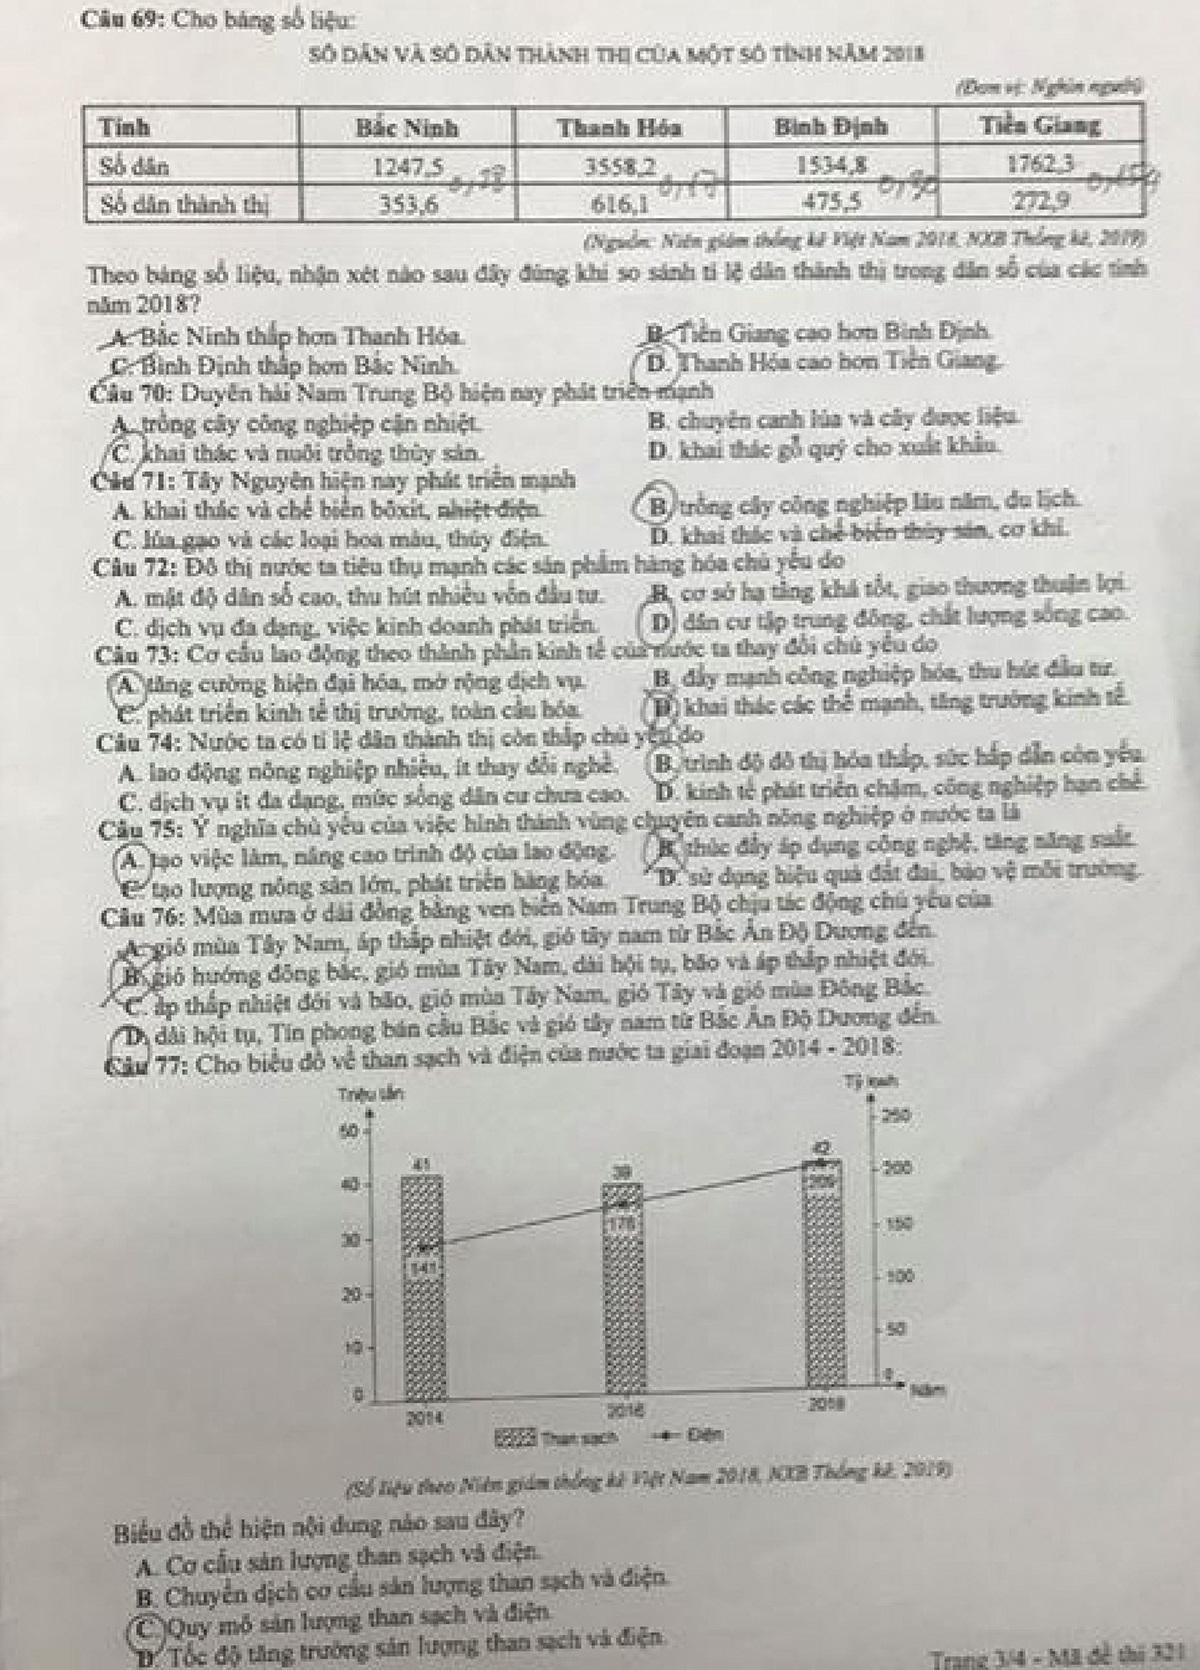 Đề và đáp án môn Địa lý thi tốt nghiệp THPT - 4